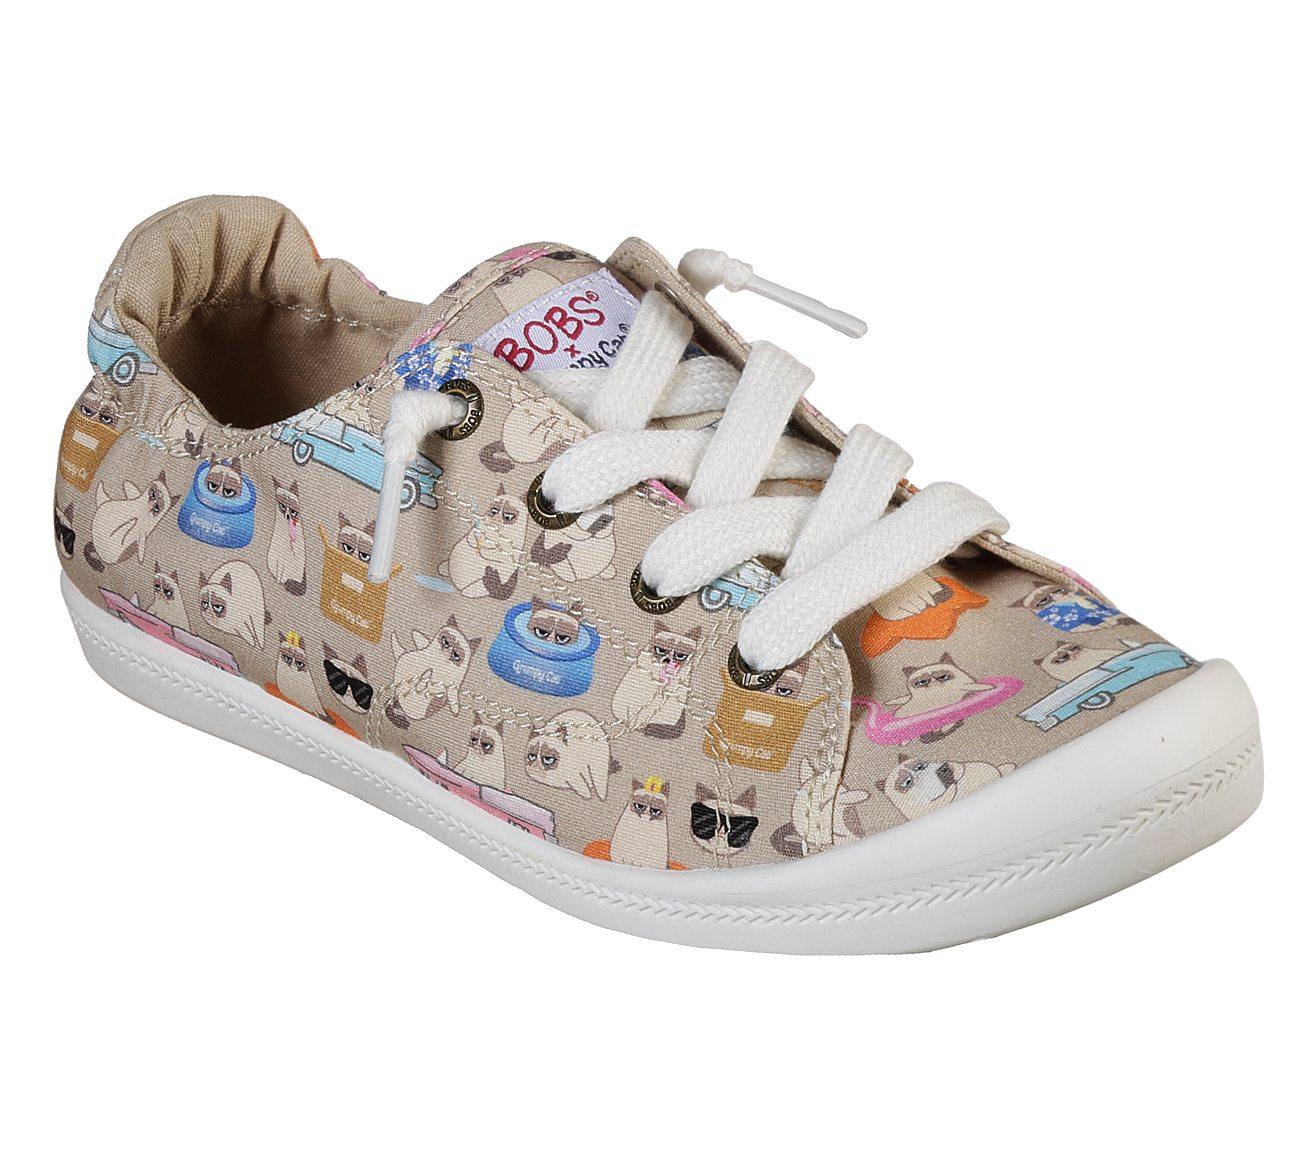 c0511ffc92651 Skechers Grumpy Cat x BOBS Beach Bingo - Wet Blanket Shoes | Grumpy Cat®